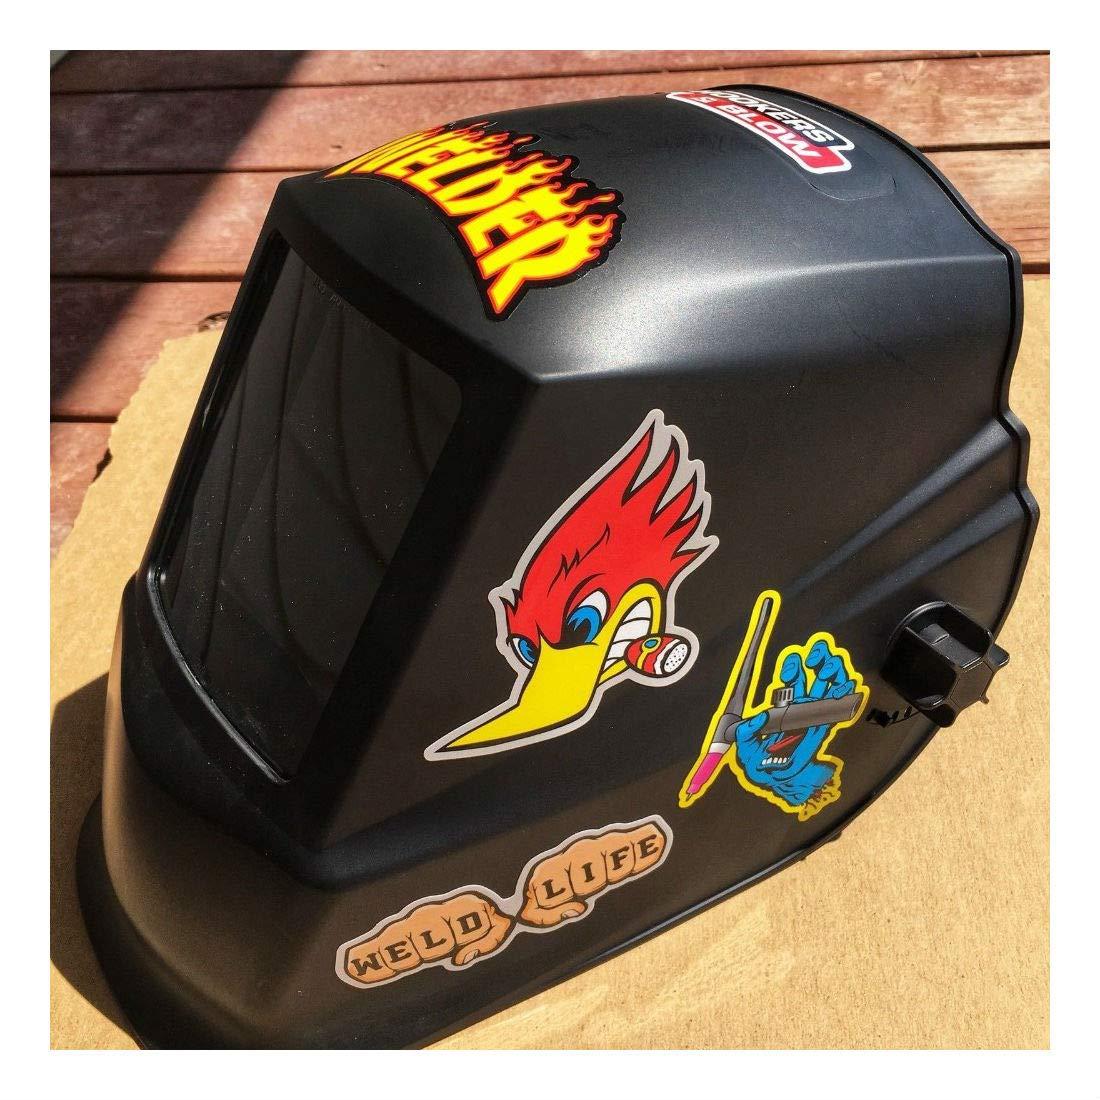 New Welder 40+ Hard Hat Stickers Hardhat Sticker & Decals, Welding Helmet, Hood by Unknown (Image #5)